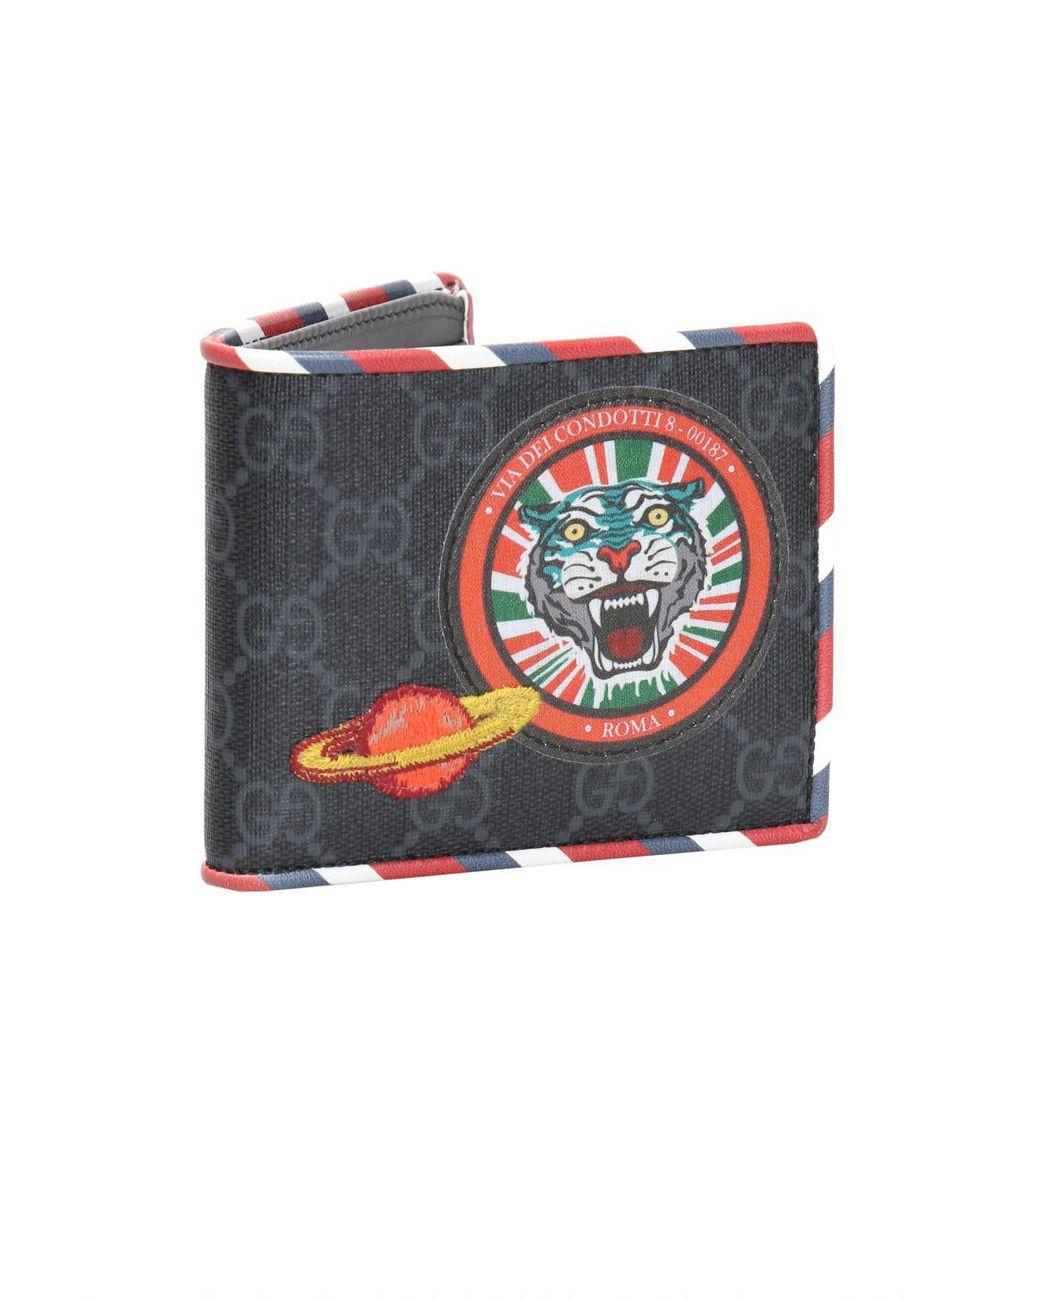 de28533d432 Gucci  GG Supreme  Canvas Bi-fold Wallet for Men - Save 18% - Lyst